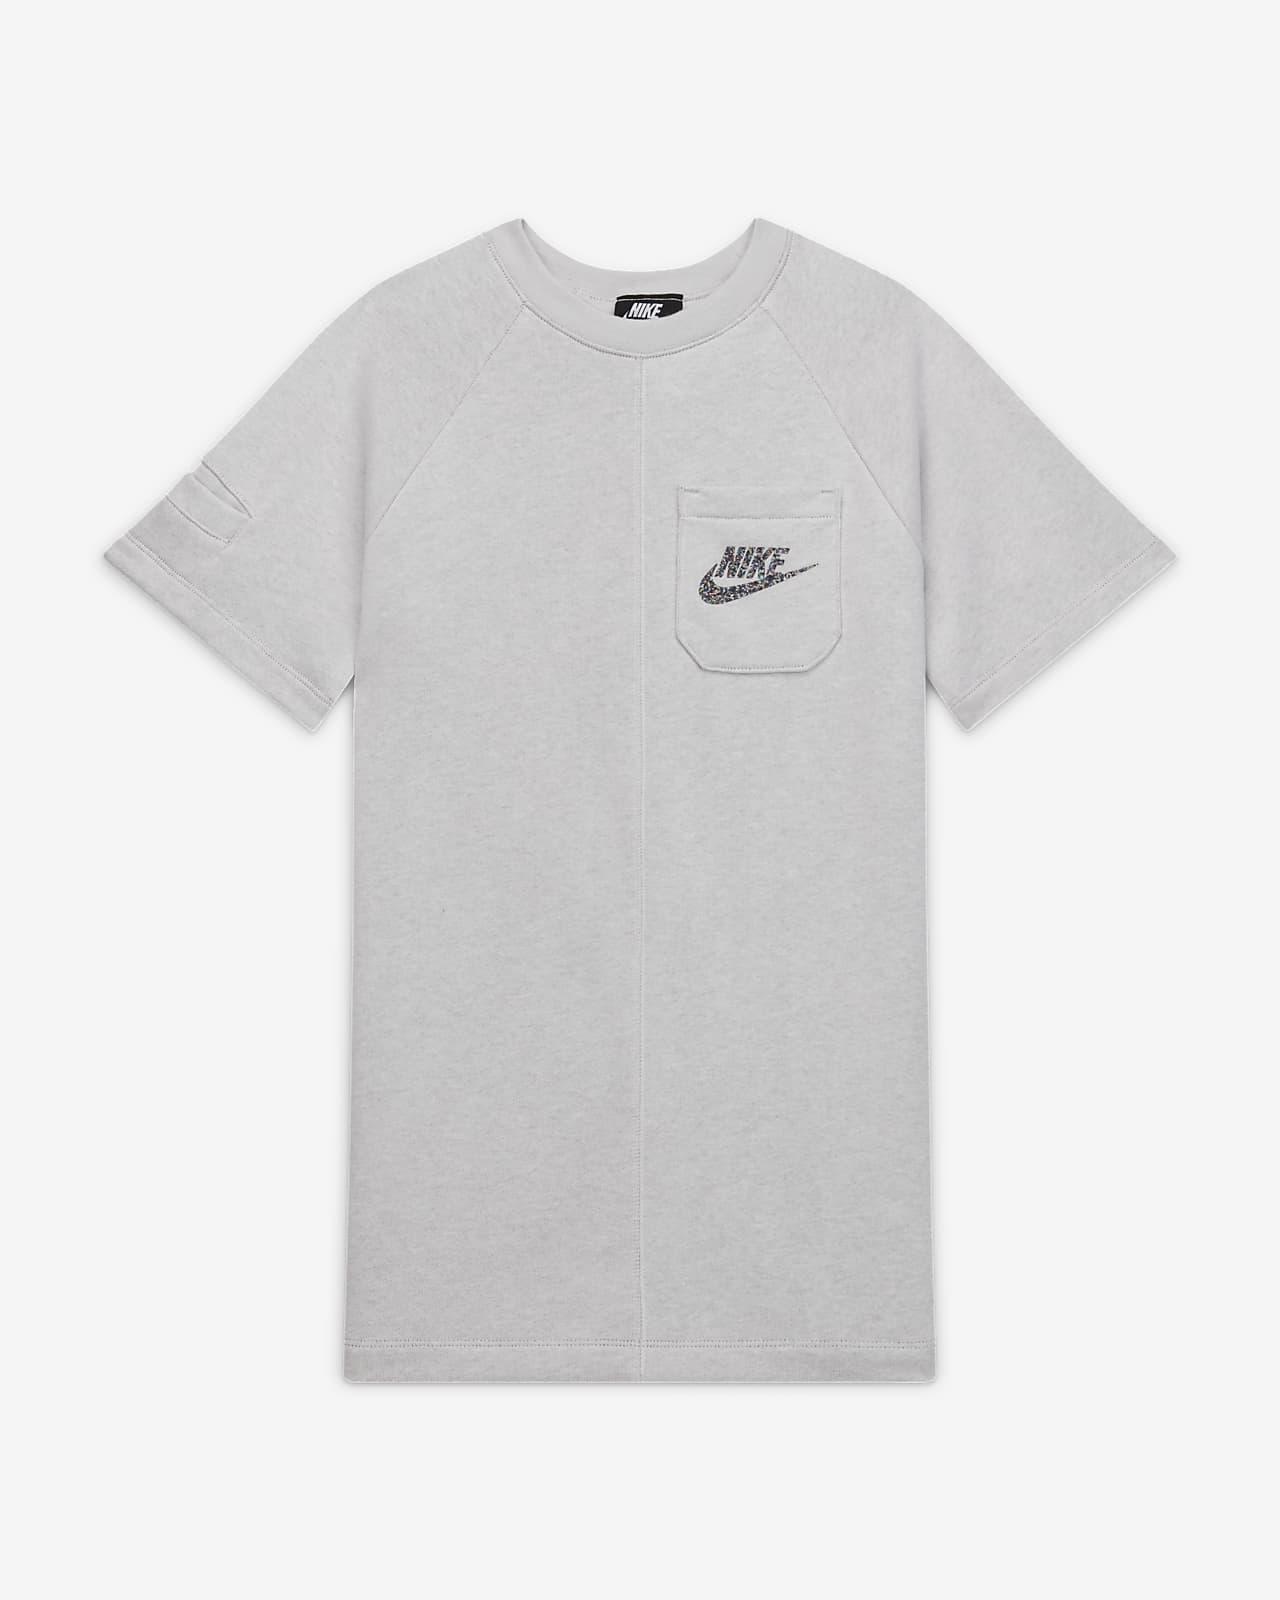 Nike Sportswear Big Kids' Tunic